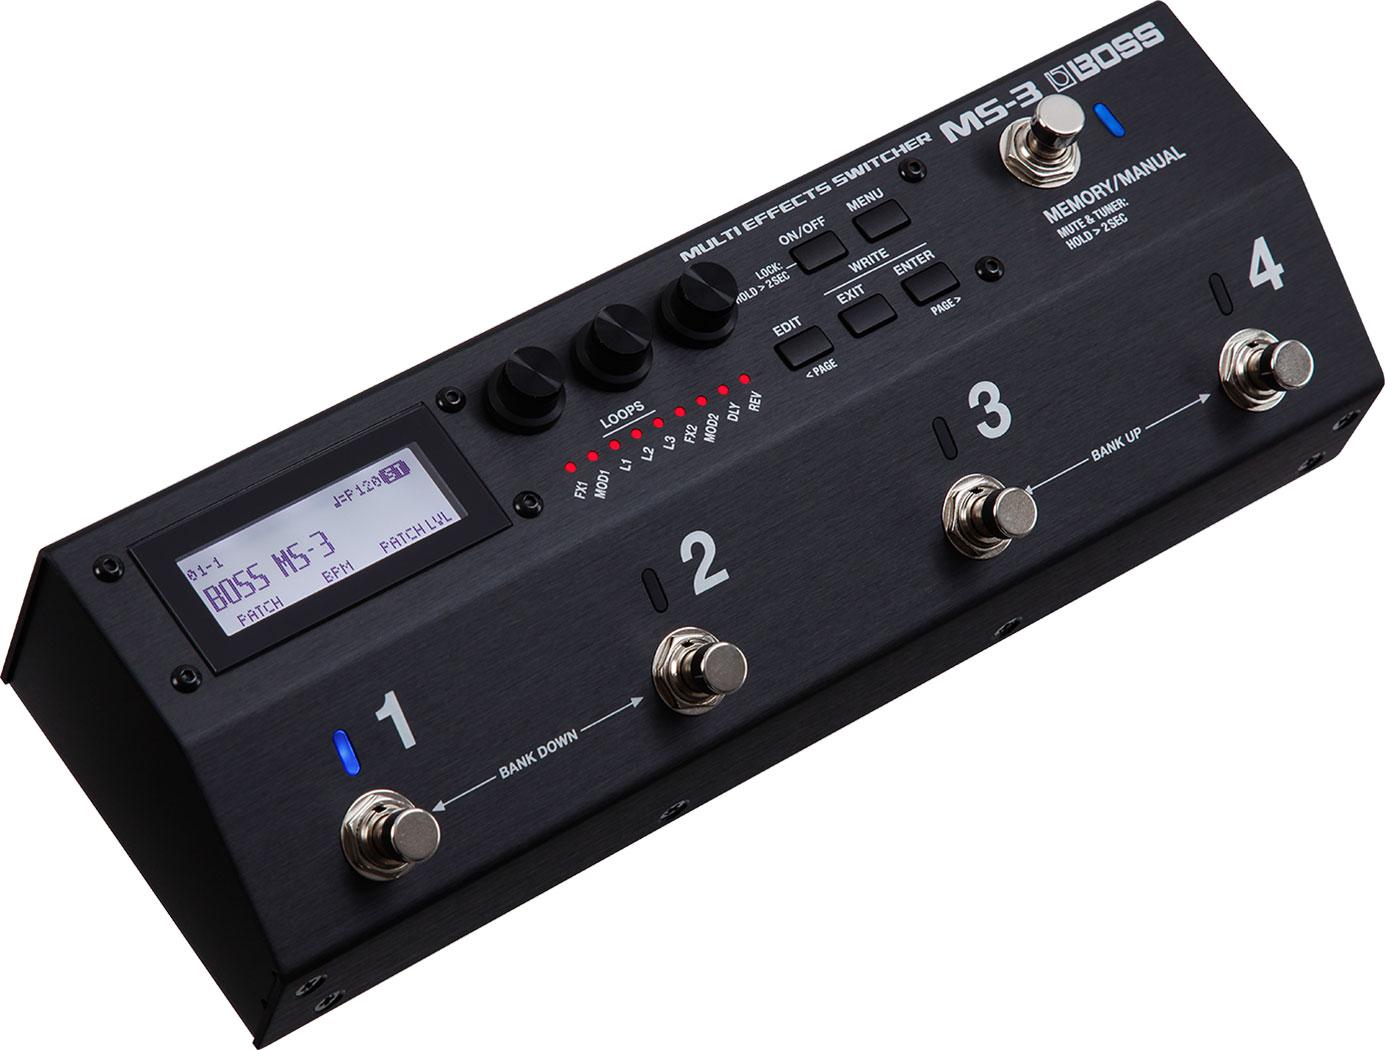 BOSS ( ボス ) MS-3【マルチエフェクター・スイッチングシステム WO 】【C4061 パッチケーブルプレゼント 】